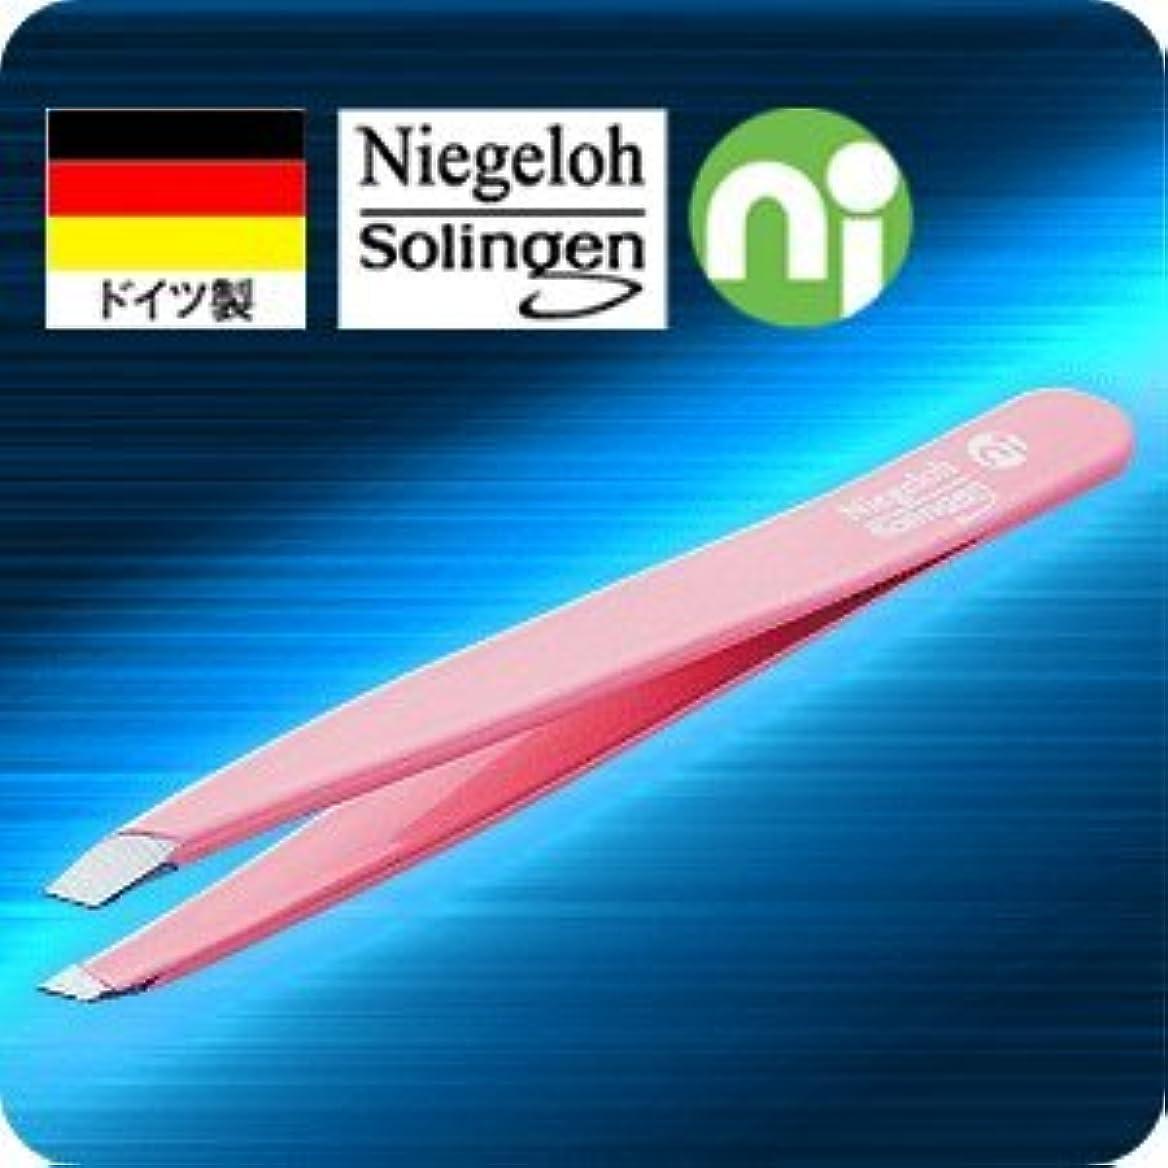 サスペンション慢な倒産ドイツ ゾーリンゲンNiegeloh(ニゲロ社)のツイザー